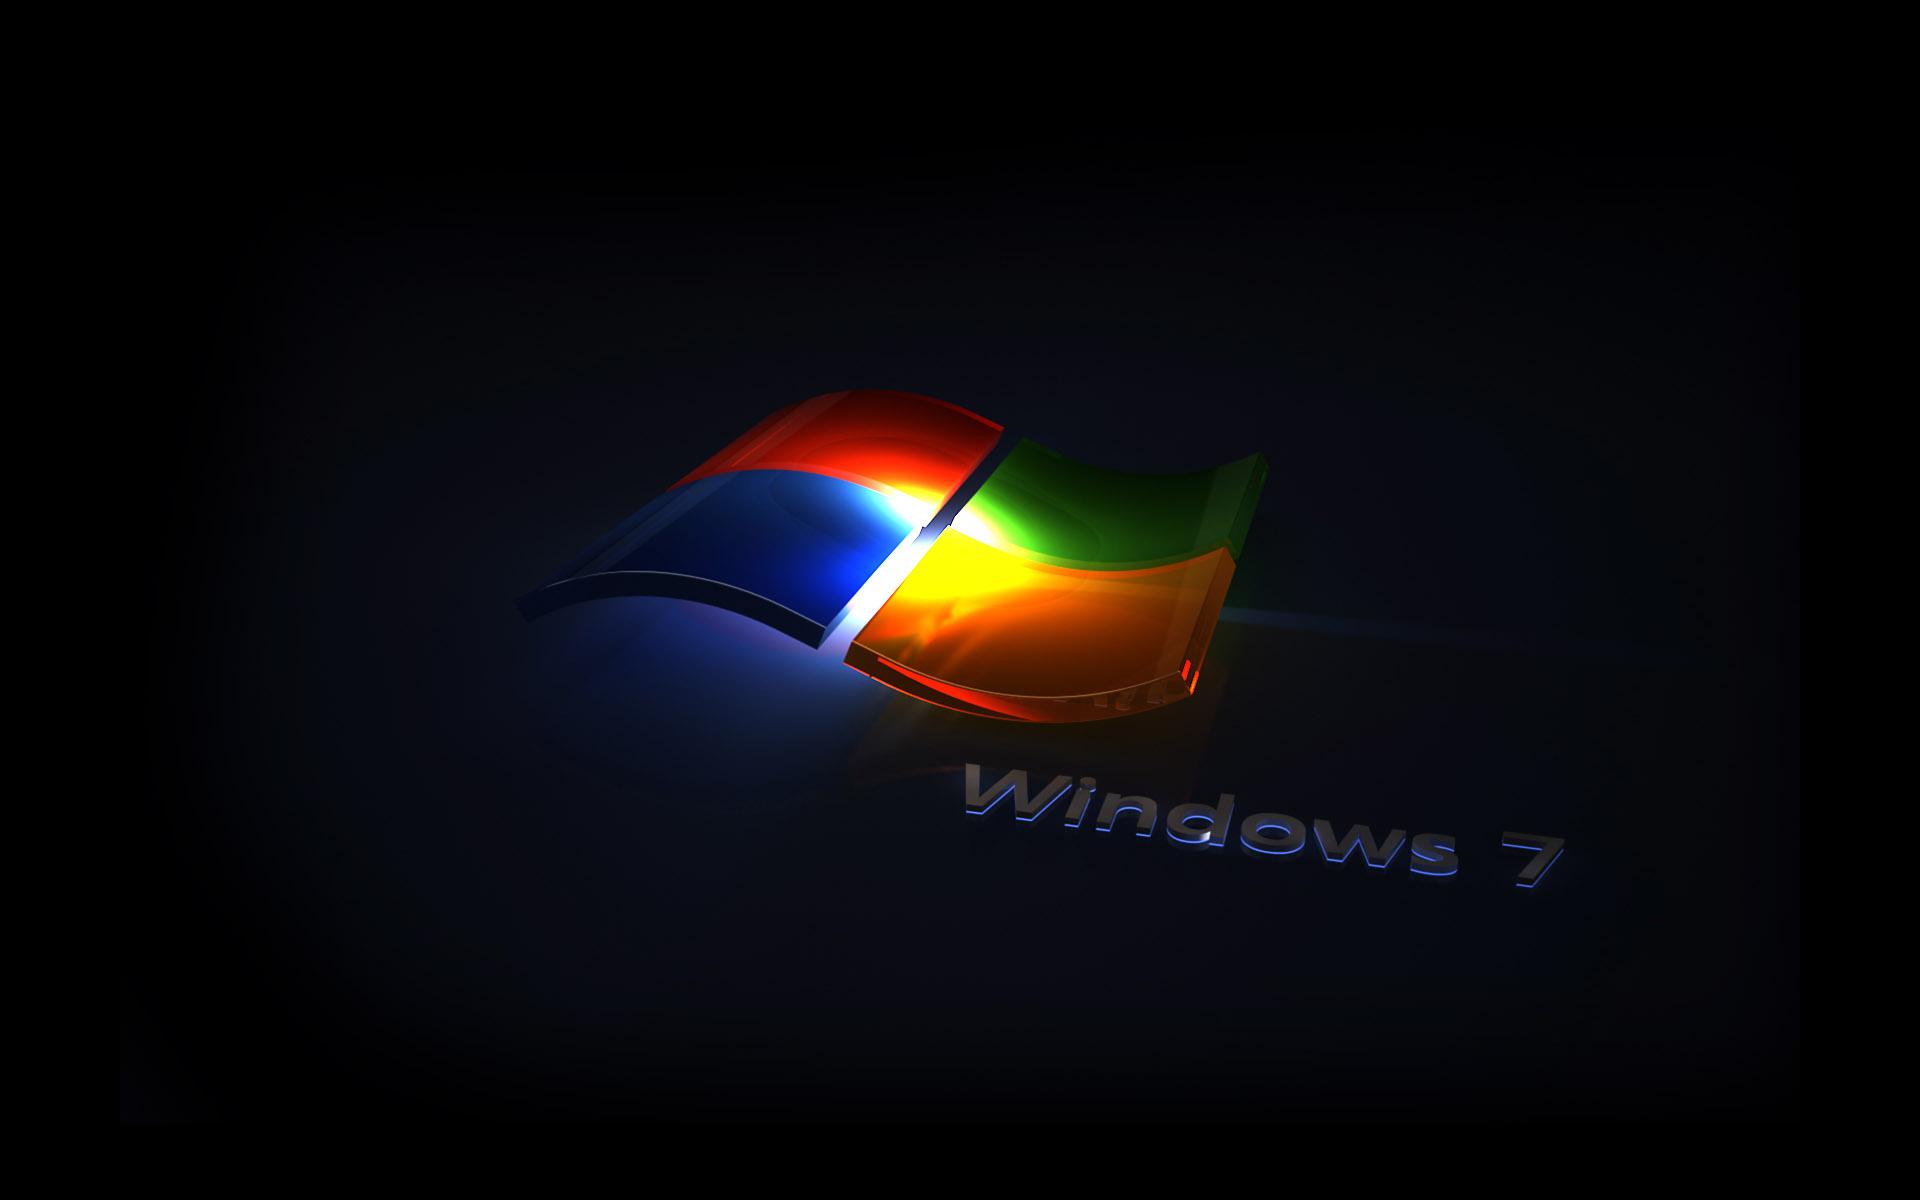 coders windows fan - photo #7